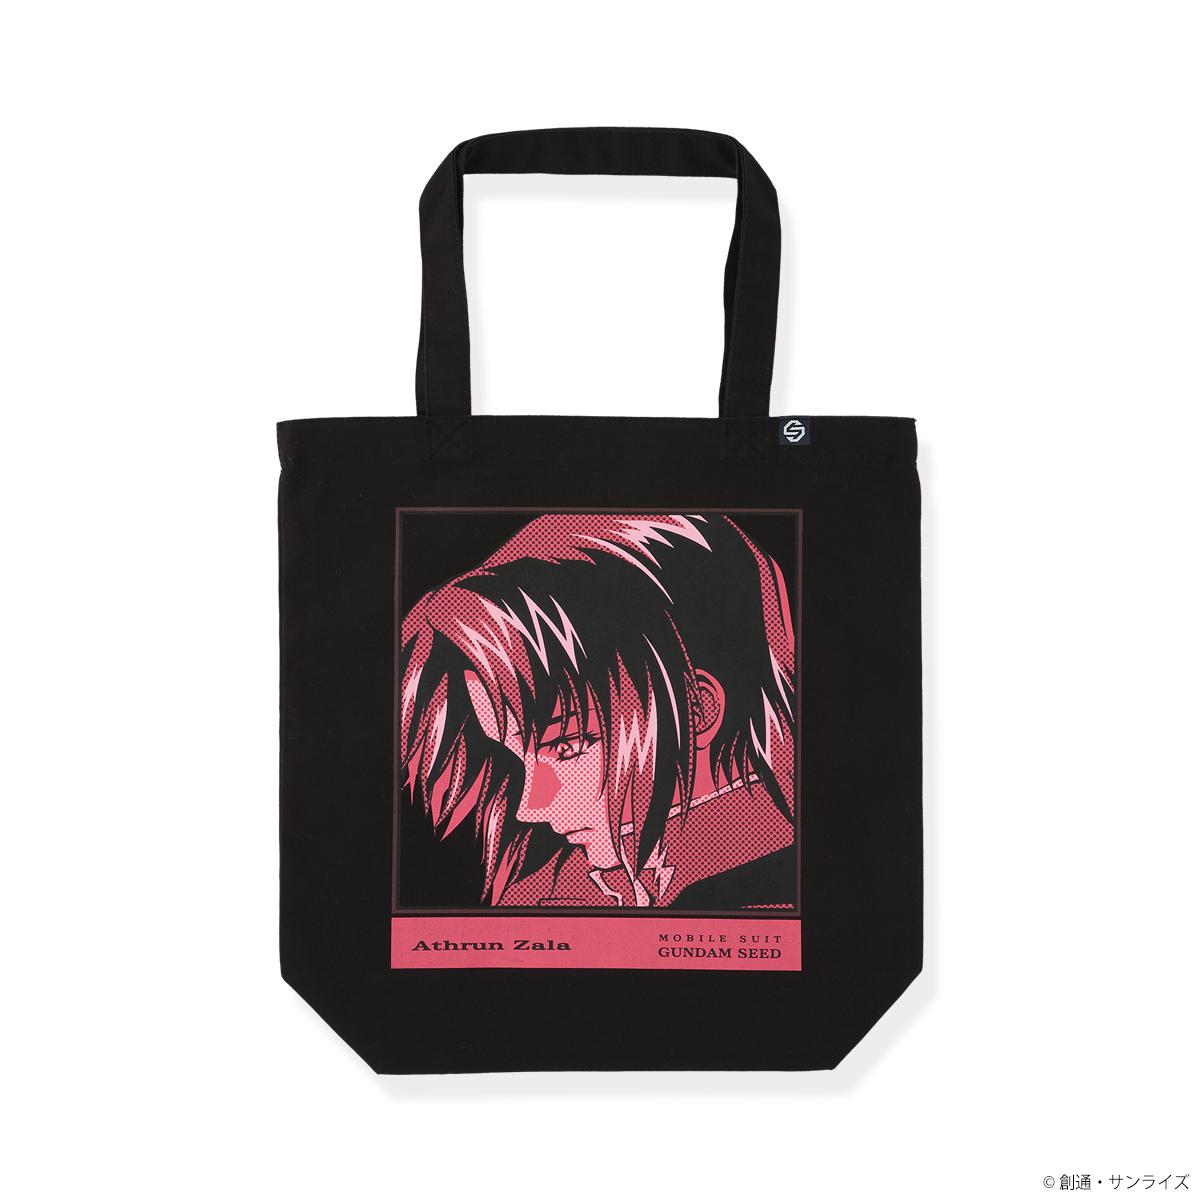 『機動戦士ガンダムSEED』POP ARTシリーズSTRICT-G Online Storeにて 発売決定!